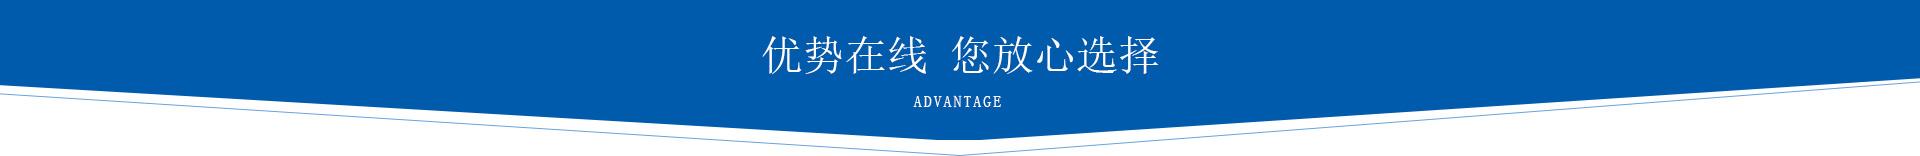 重慶匯帆科技有限公司智能鎖廠家